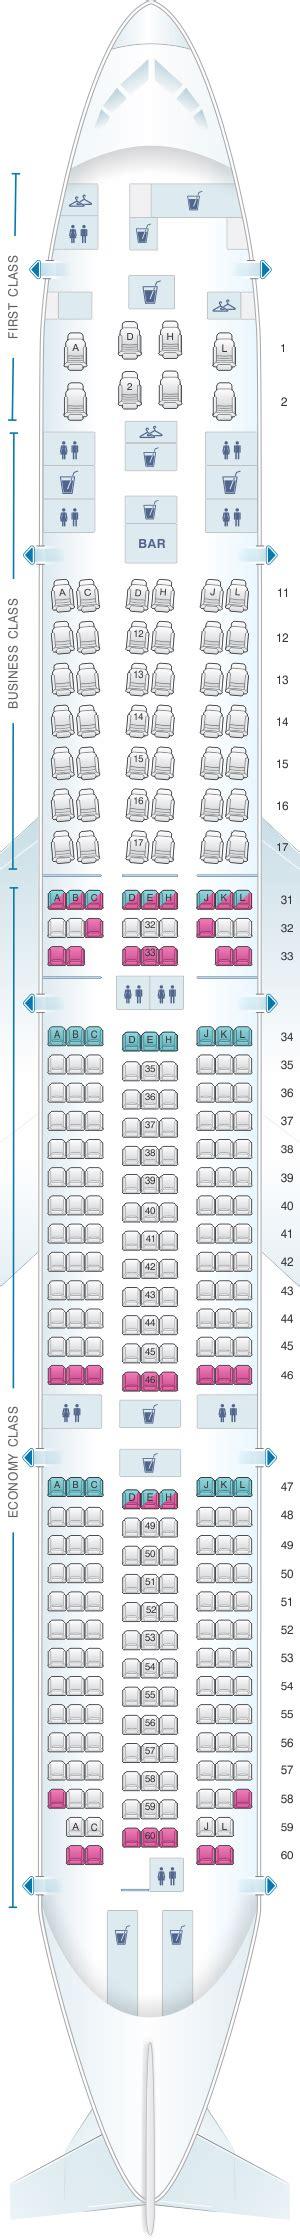 plan si es boeing 777 300er air mapa de asientos air china boeing b777 300er plano